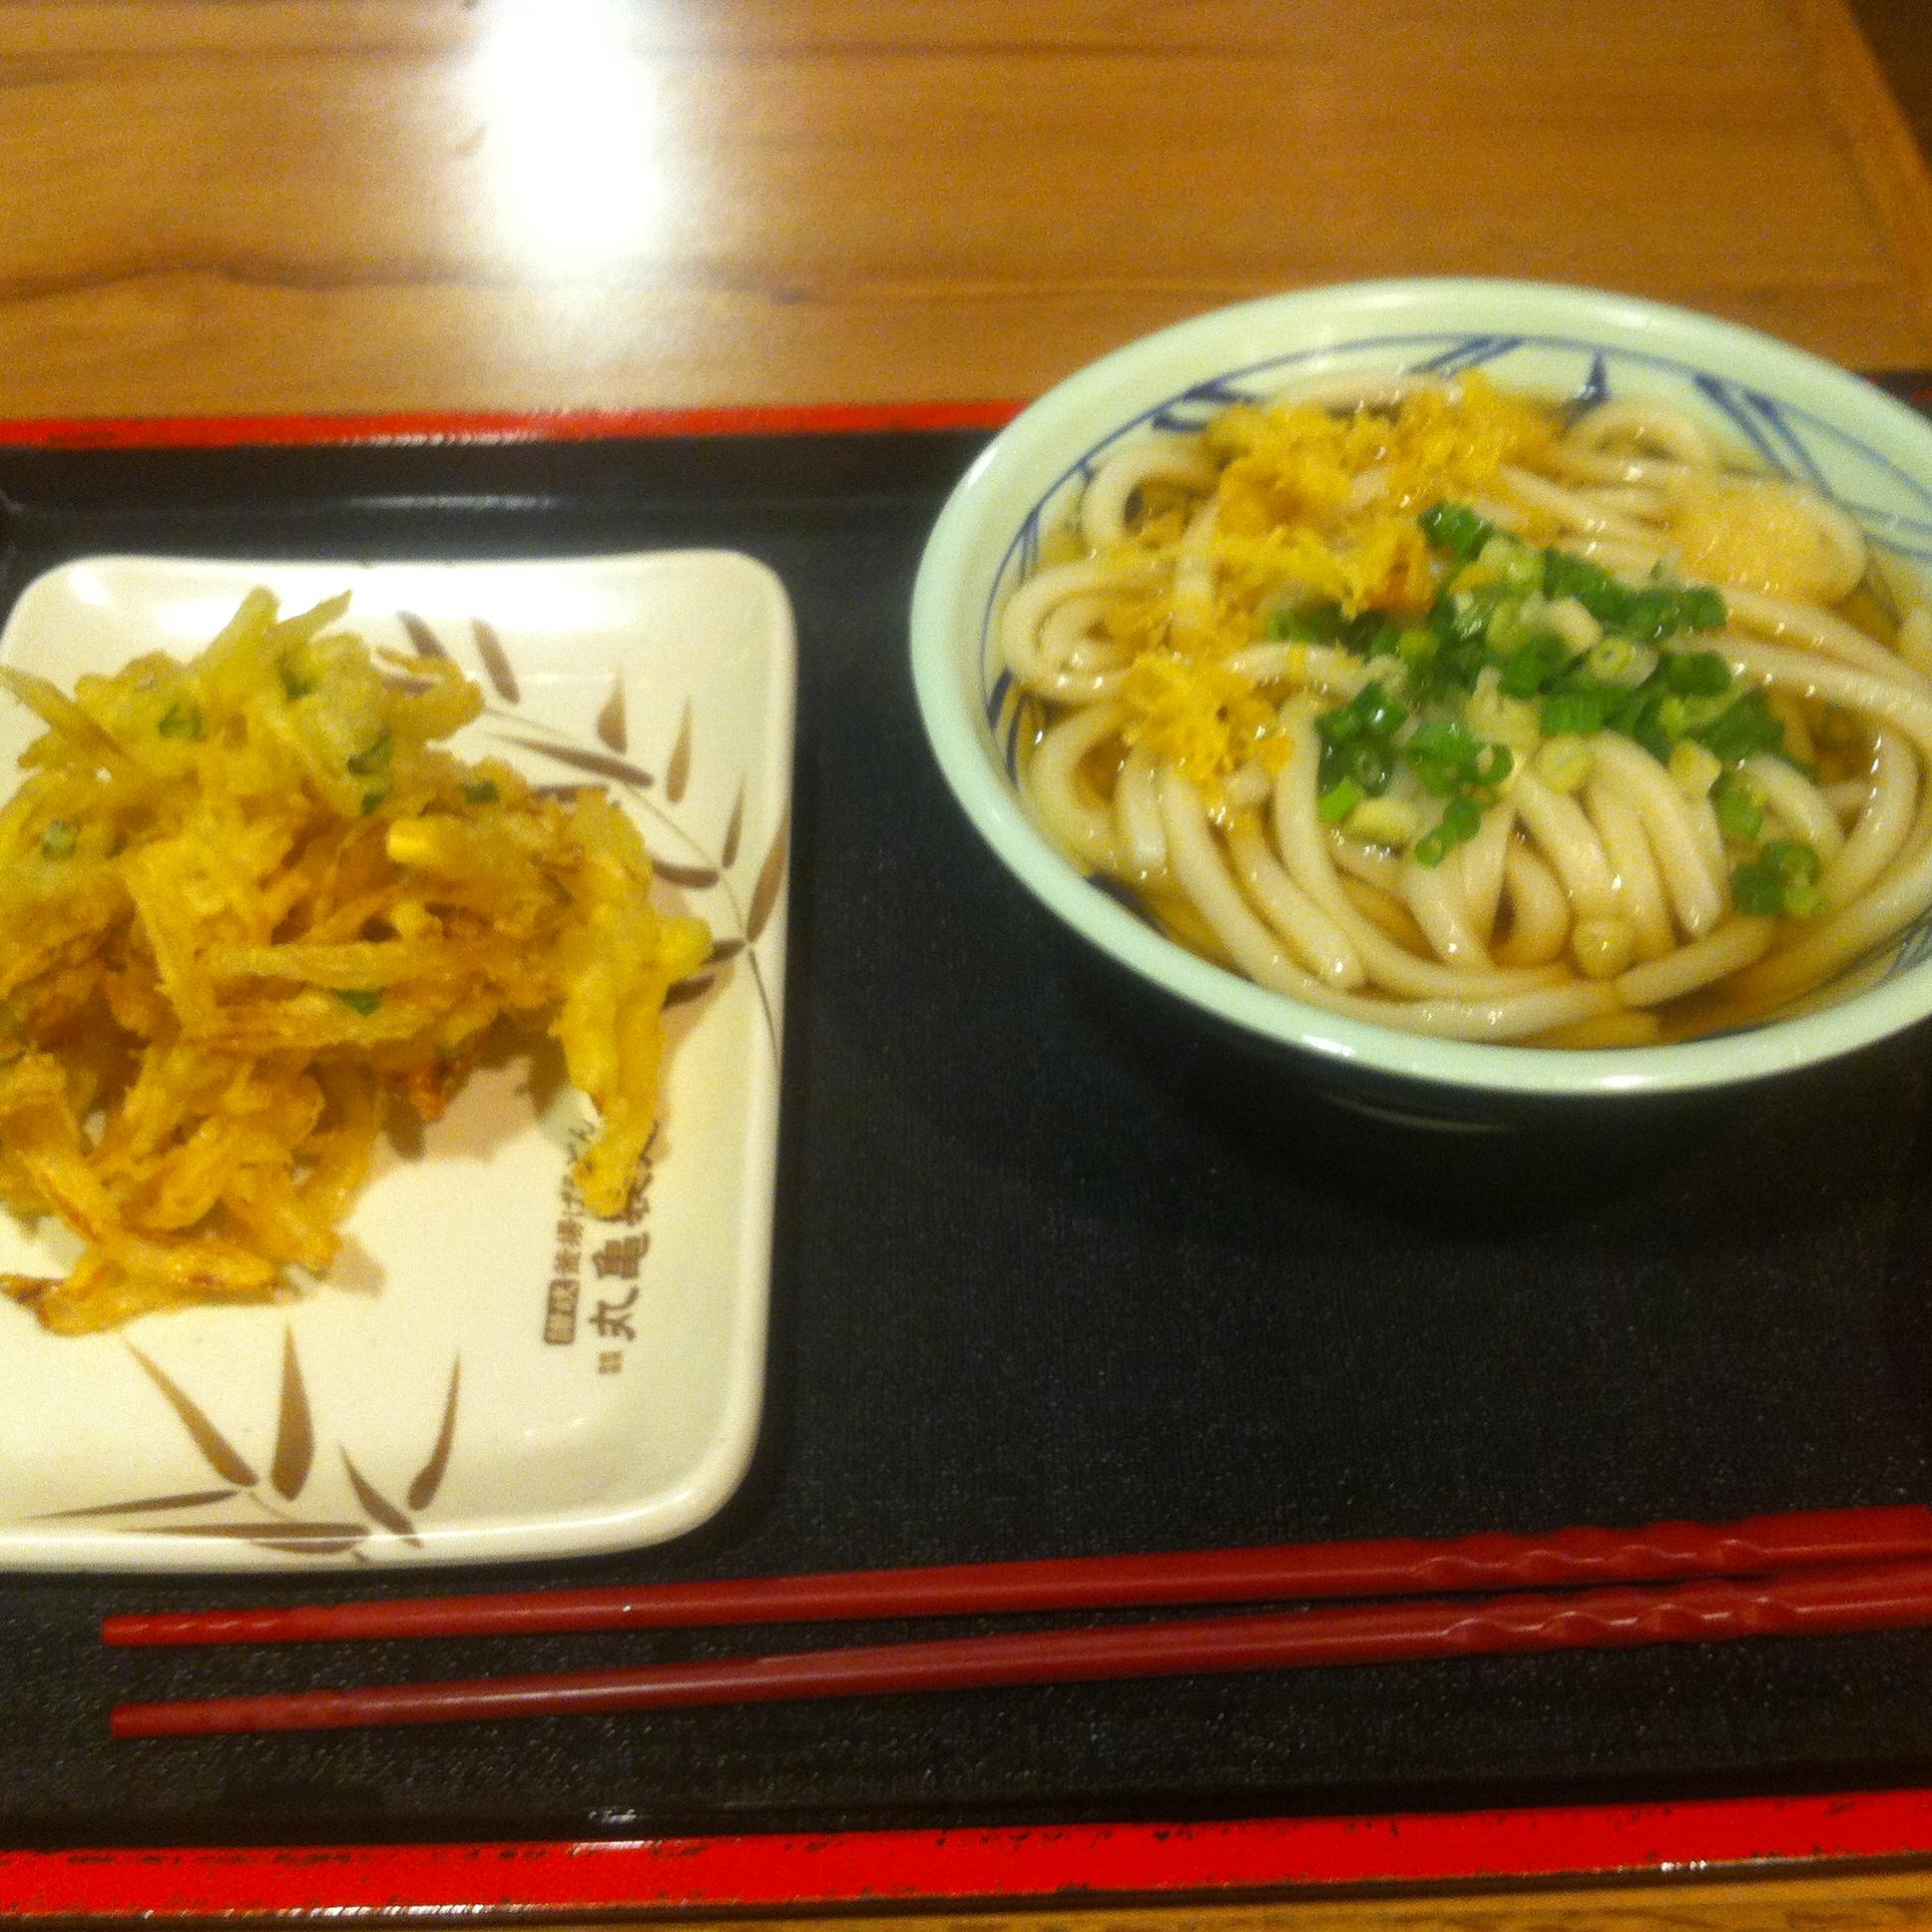 中山三越の讃岐釜揚げうどん丸亀製麺